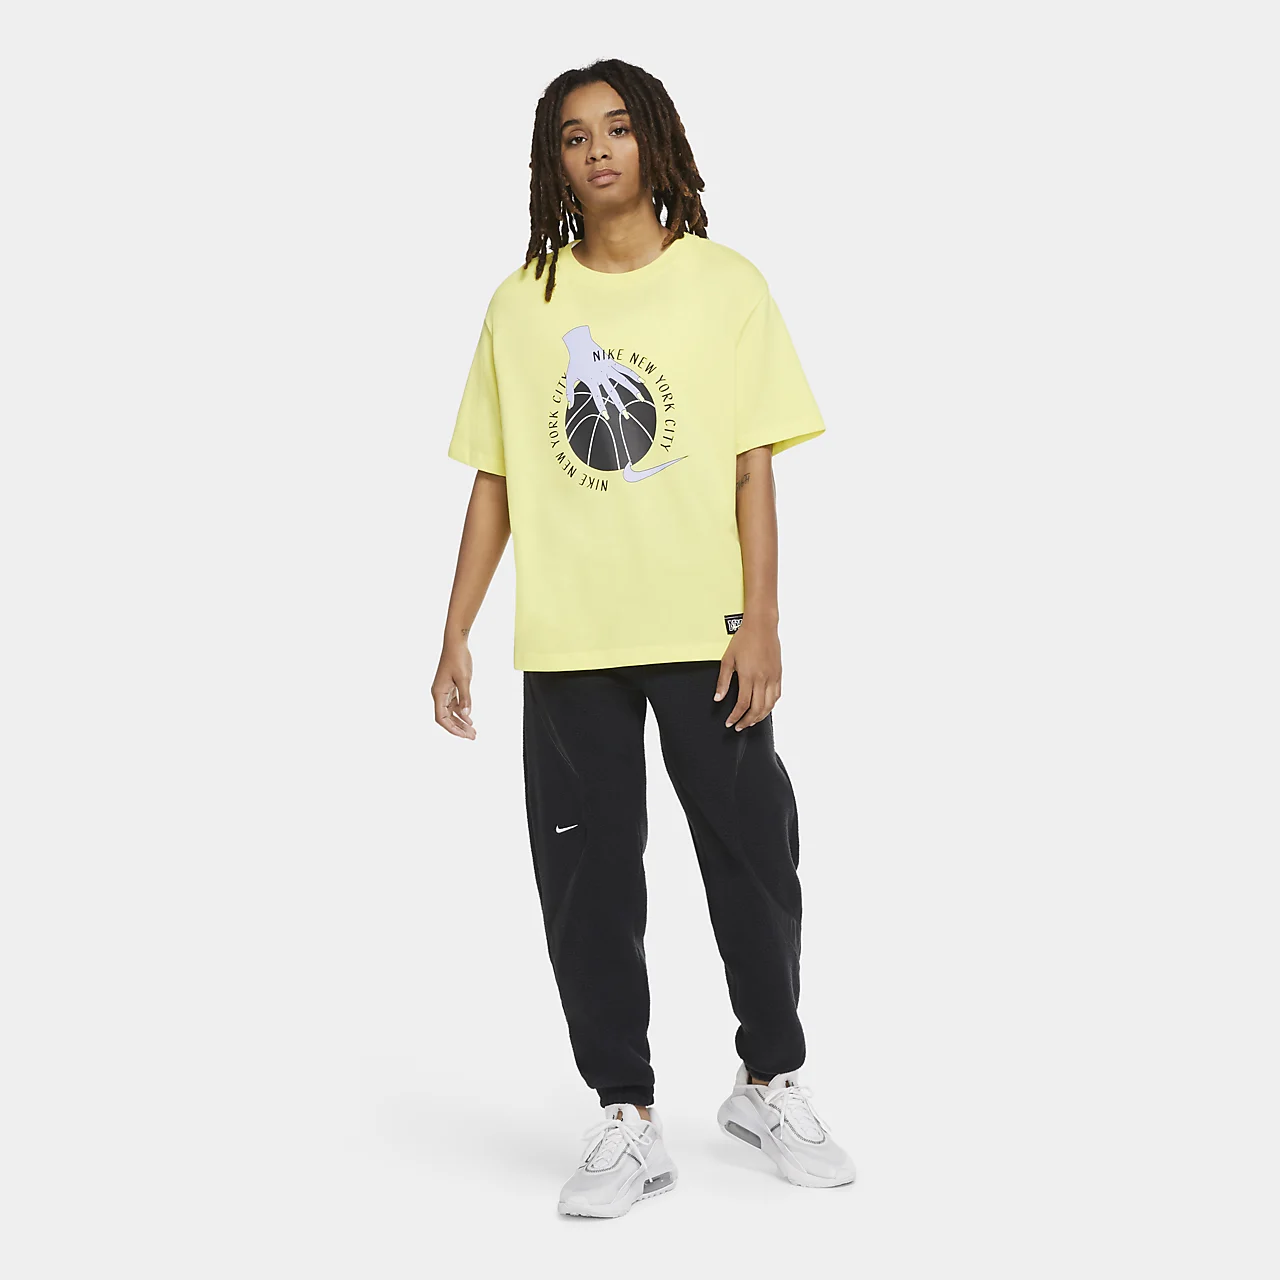 Nike Sportswear Women's T-Shirt DD9050-701